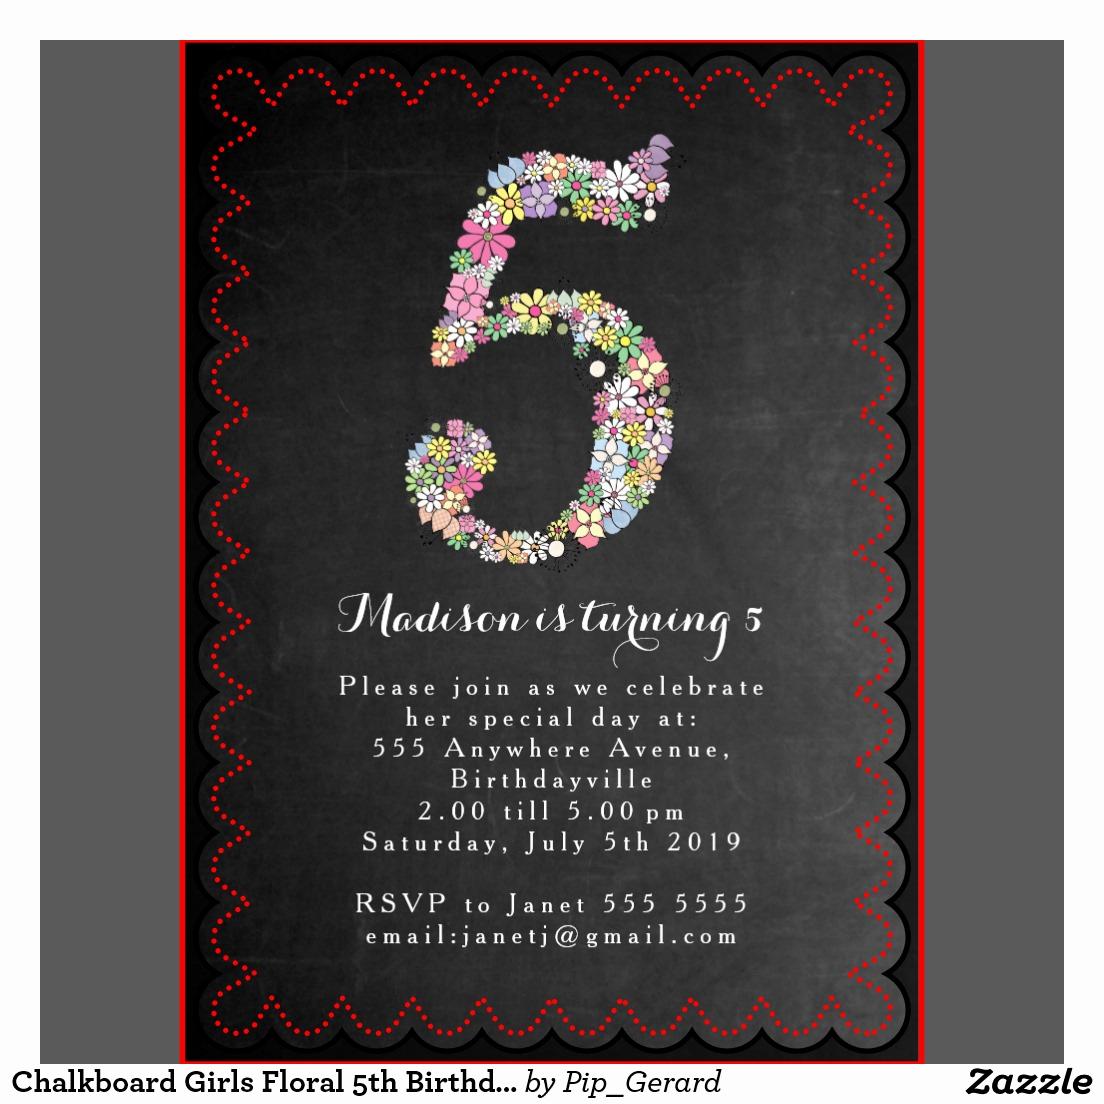 5th Birthday Invitation Wording Unique 5th Birthday Party Invitation Wording